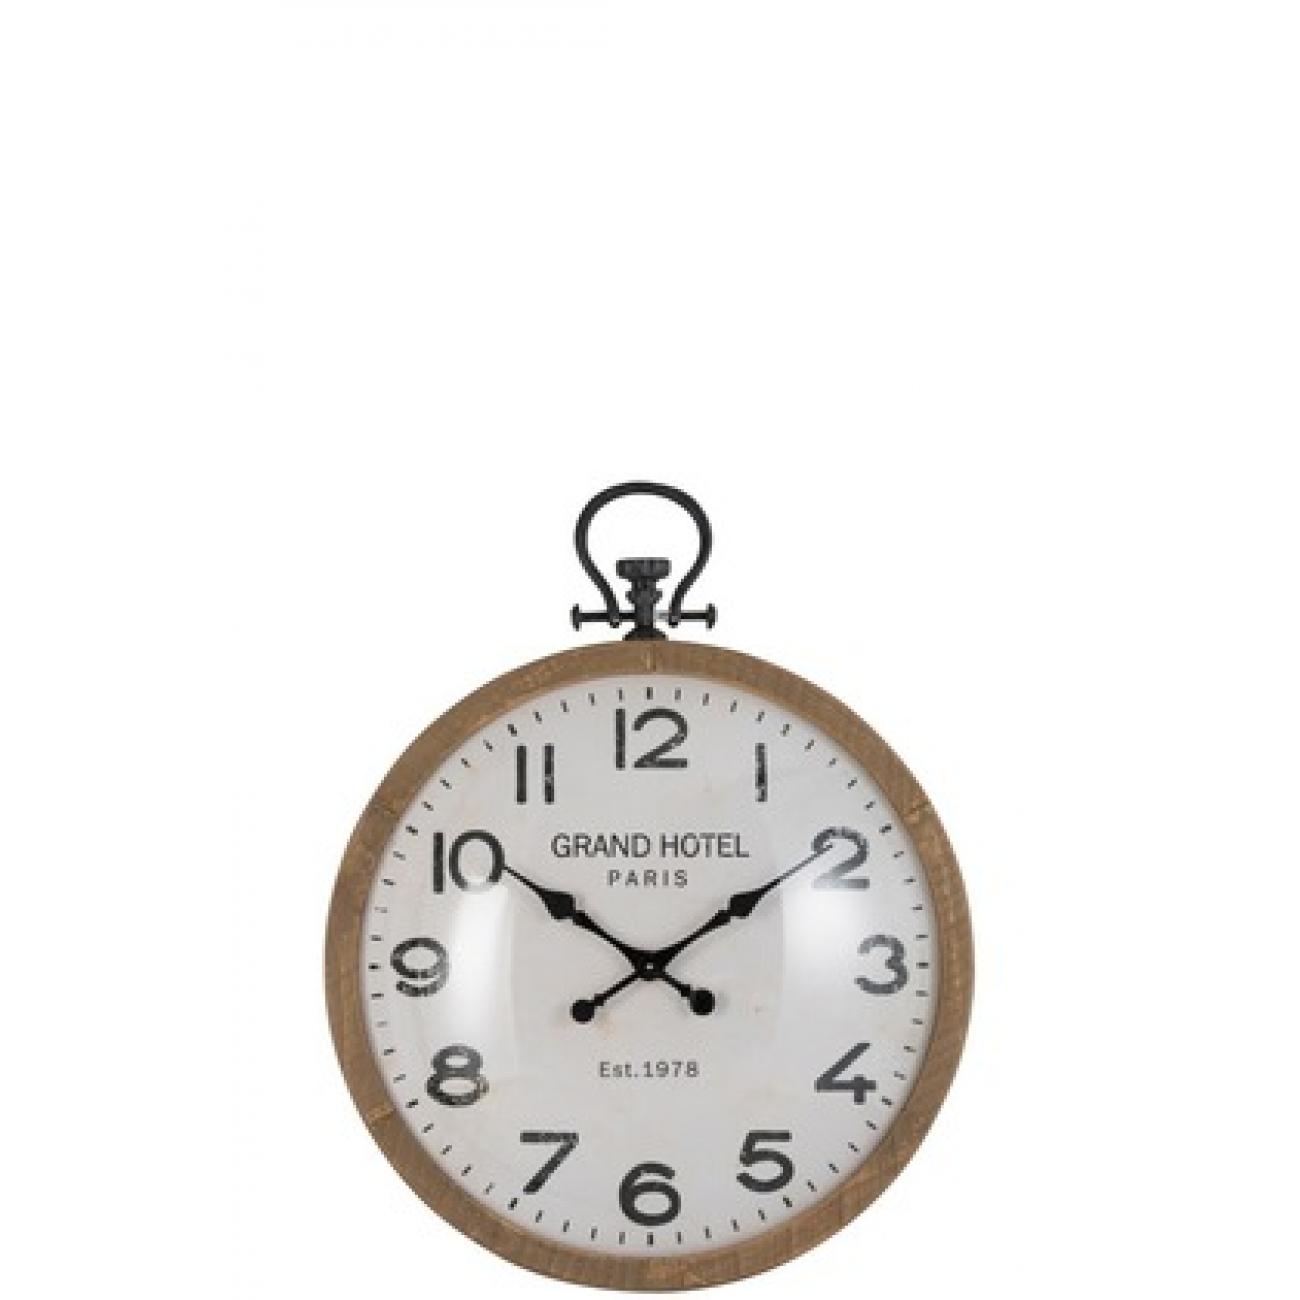 Настенные часы J-LINE круглые в деревянном корпусе с римскими цифрами Grand Hotel диаметр 74 см